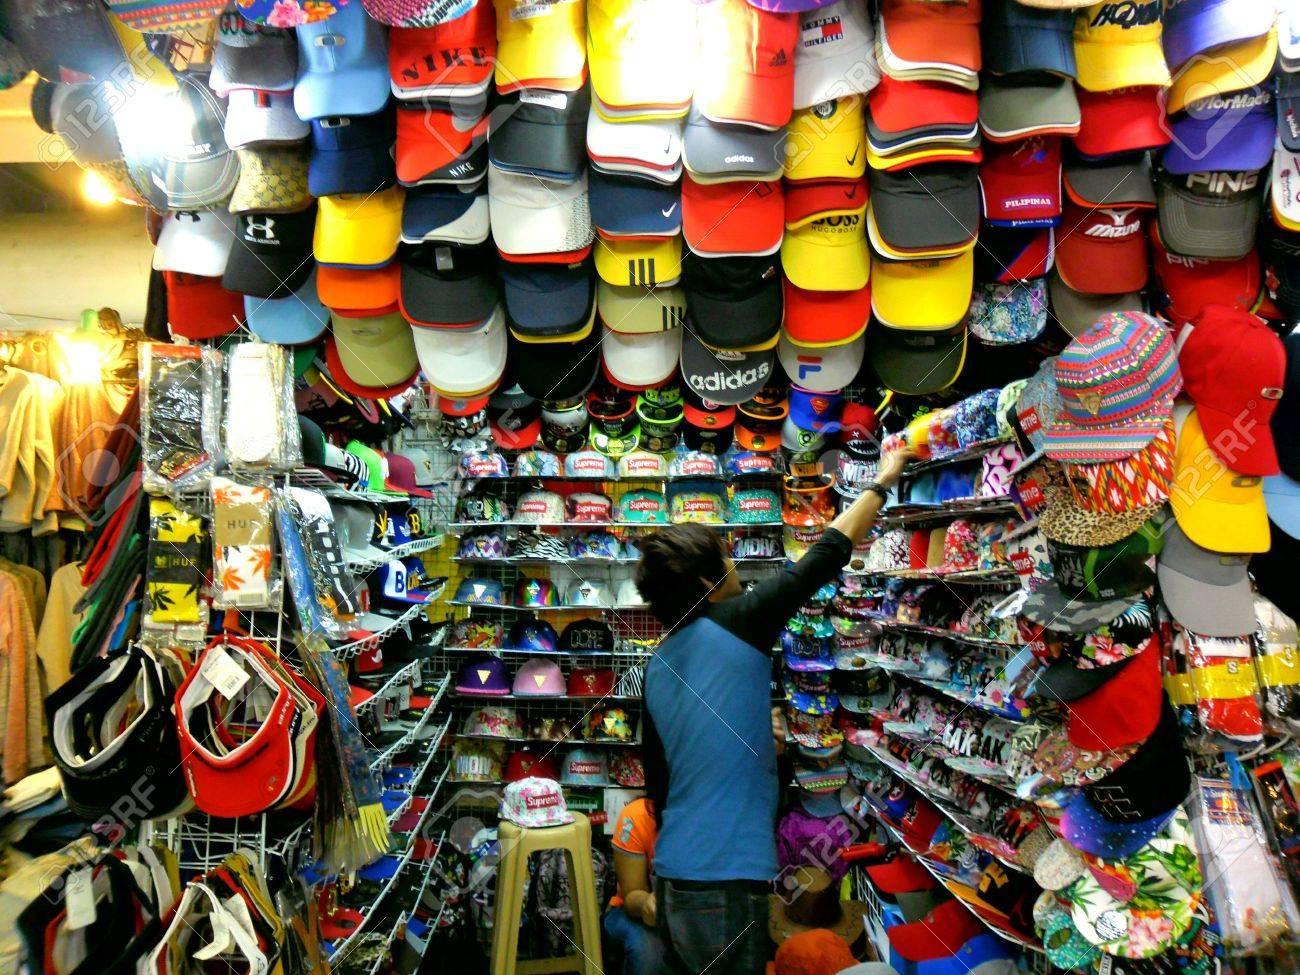 Bazaar Shops In Greenhills, San Juan